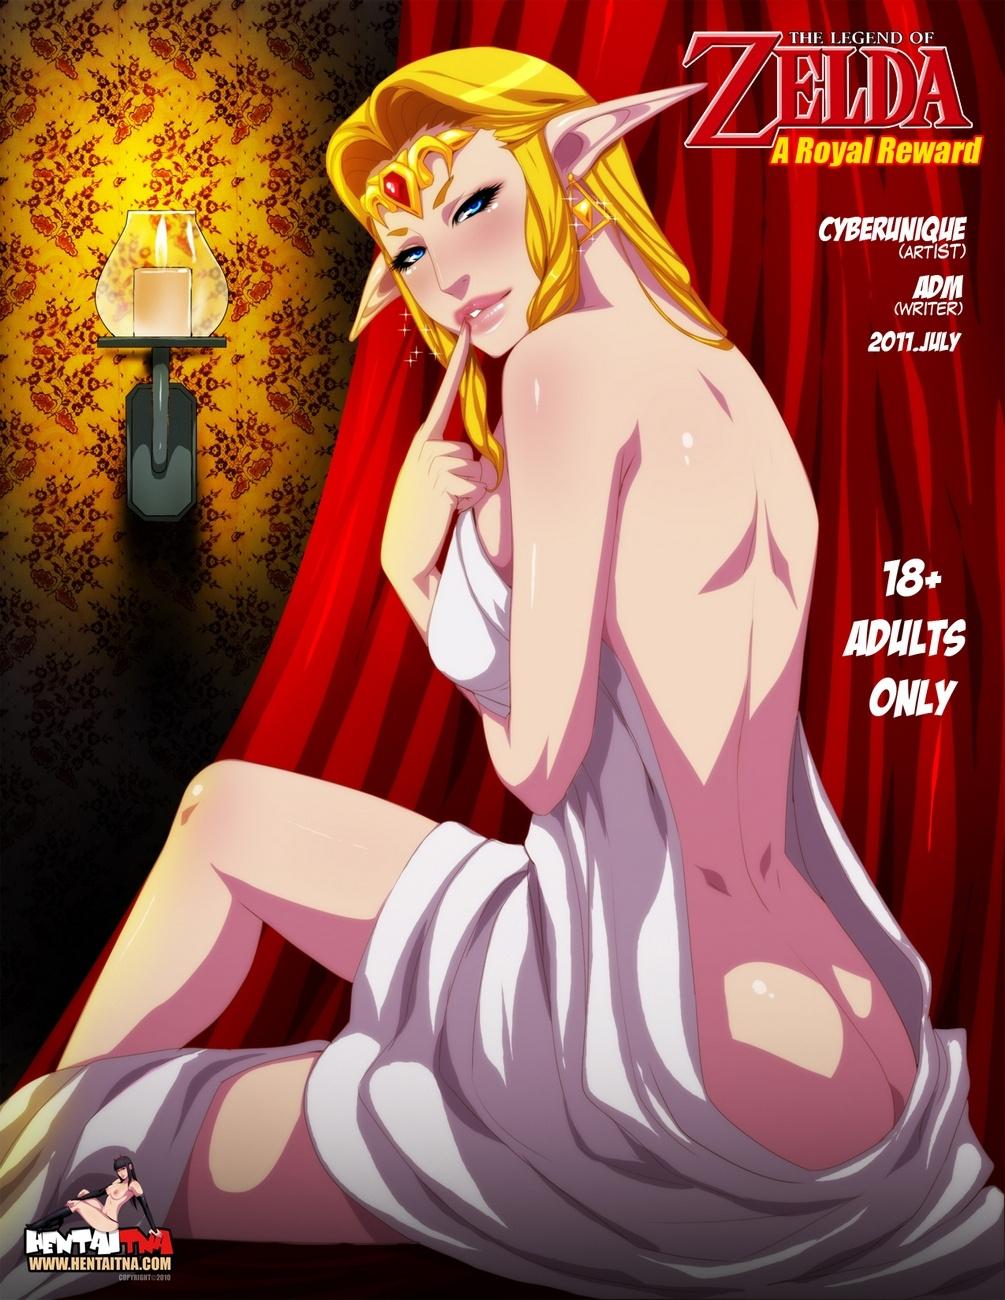 Legend Of Zelda Zelda Sexy - legend of zelda yaoi xxx - MegaPornX